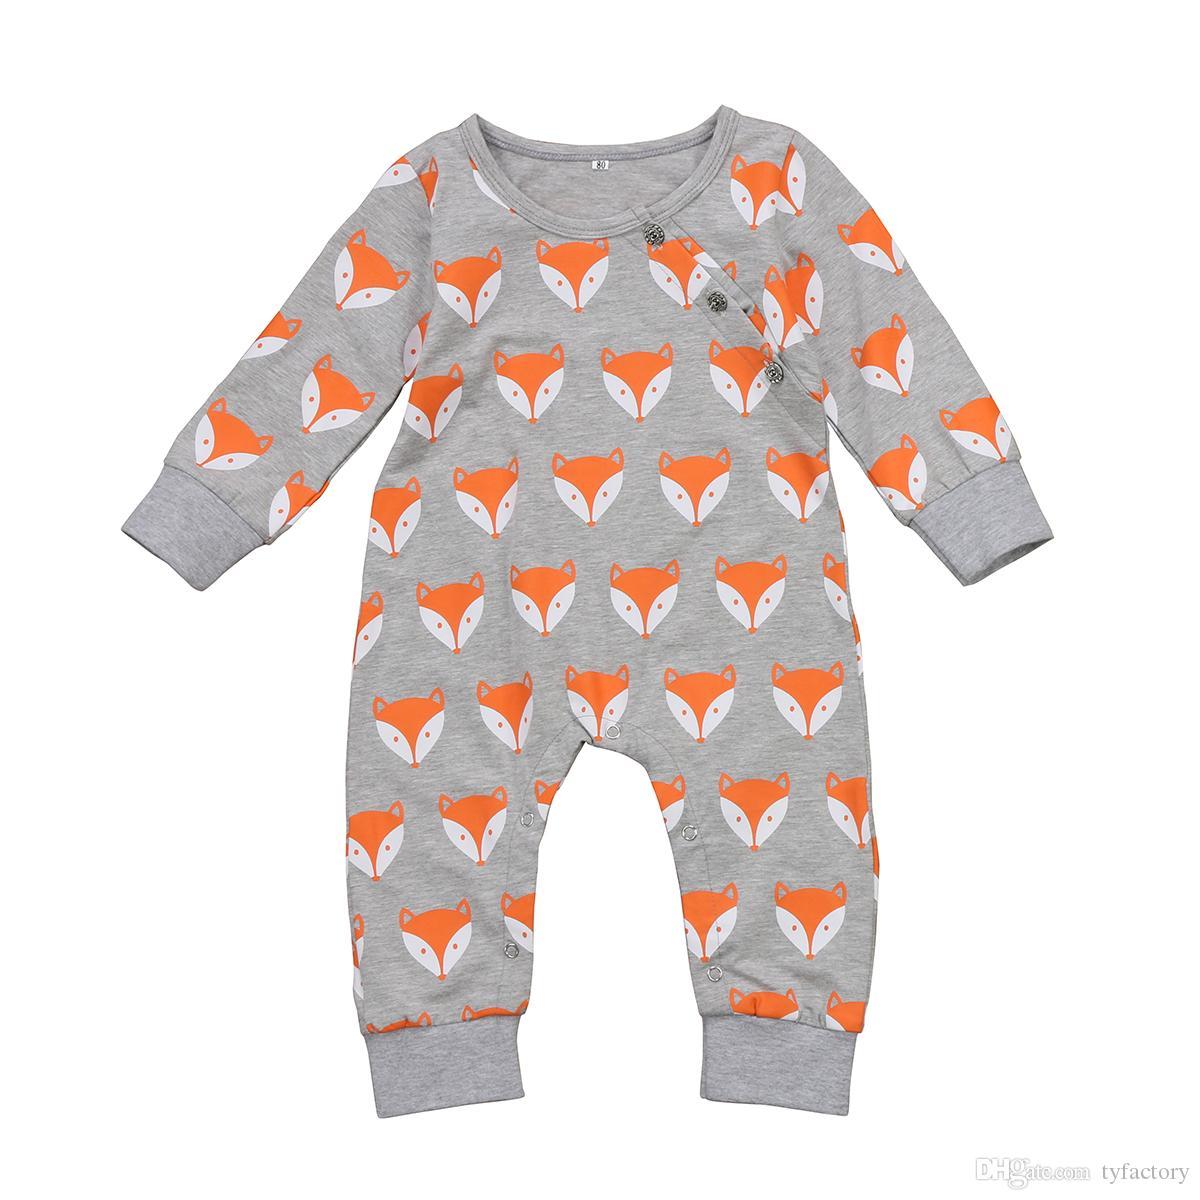 9d369d4c92ca2f Macacão infantil bebê macacão de raposa cabeça macacões meninos  recém-nascidos meninas bodysuits roupas de uma peça crianças de algodão ...